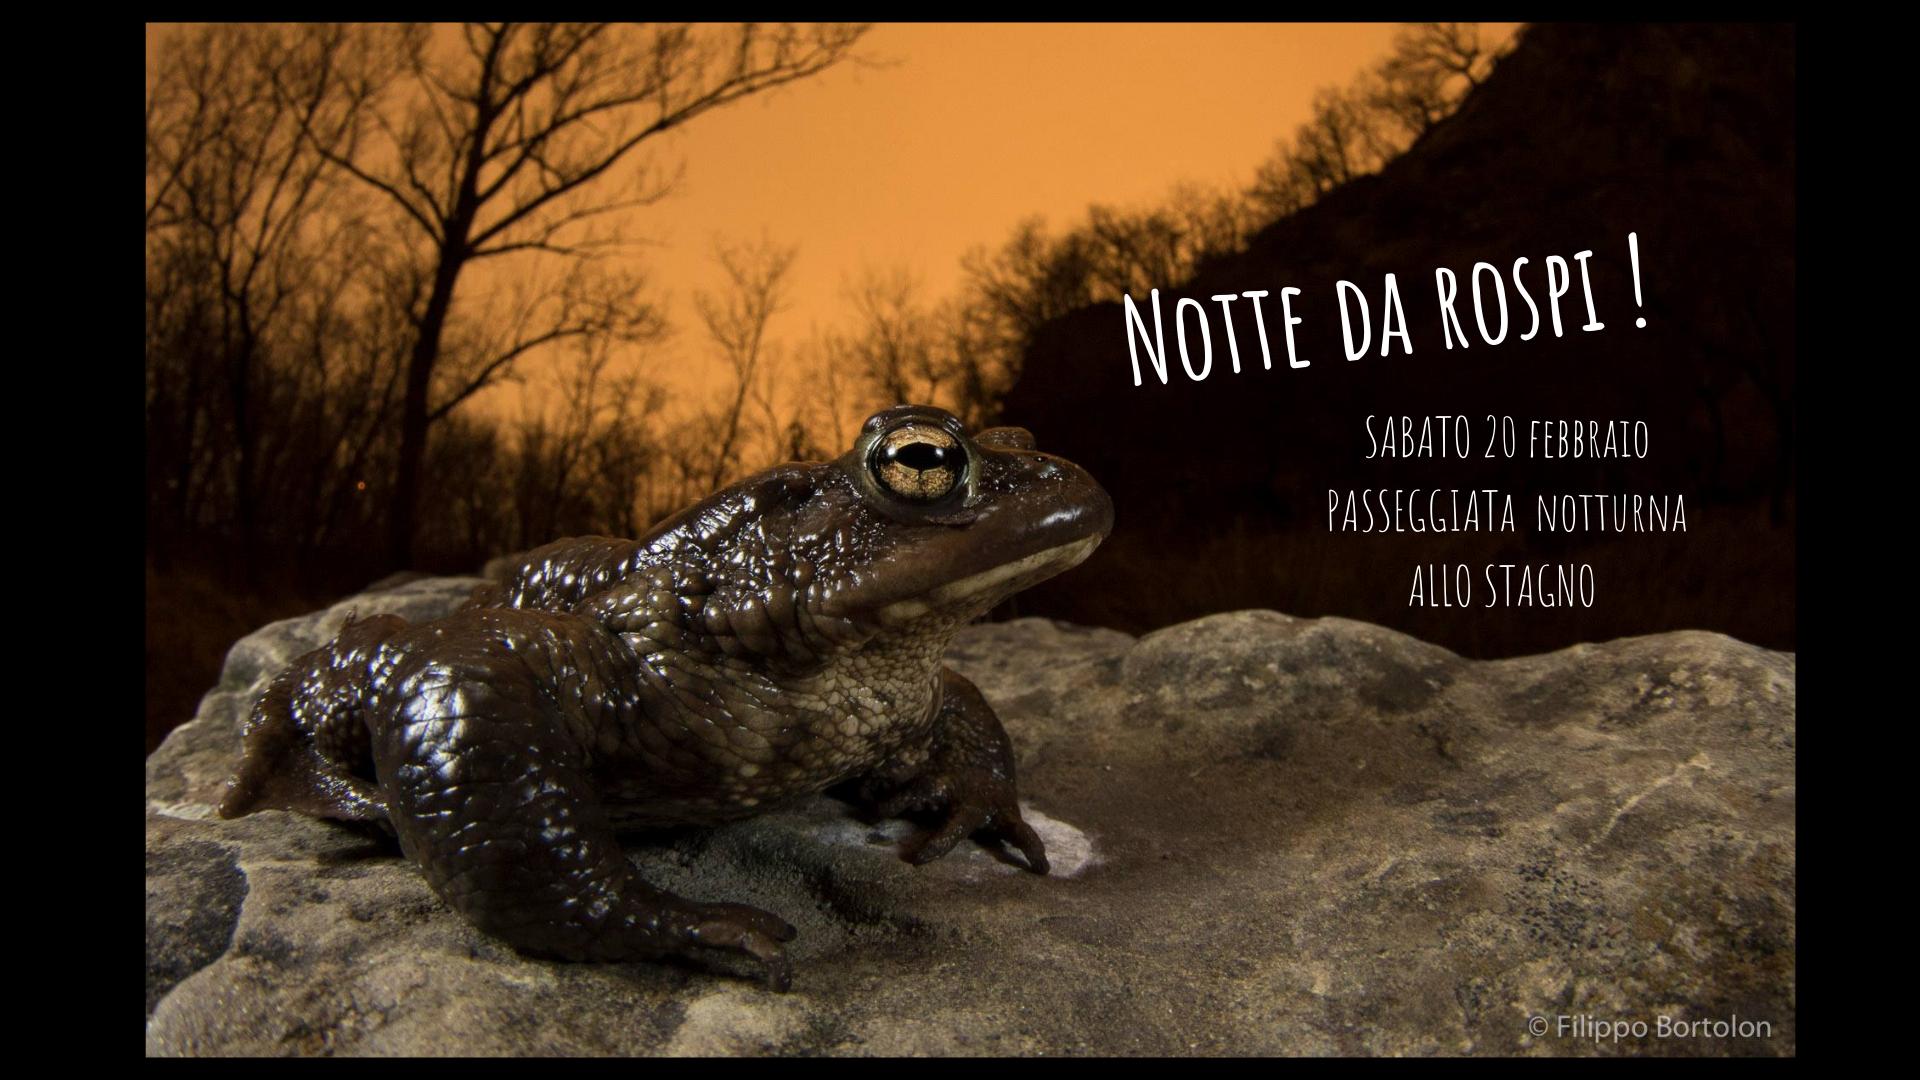 Notte da Rospi! – Passeggiata notturna allo stagno